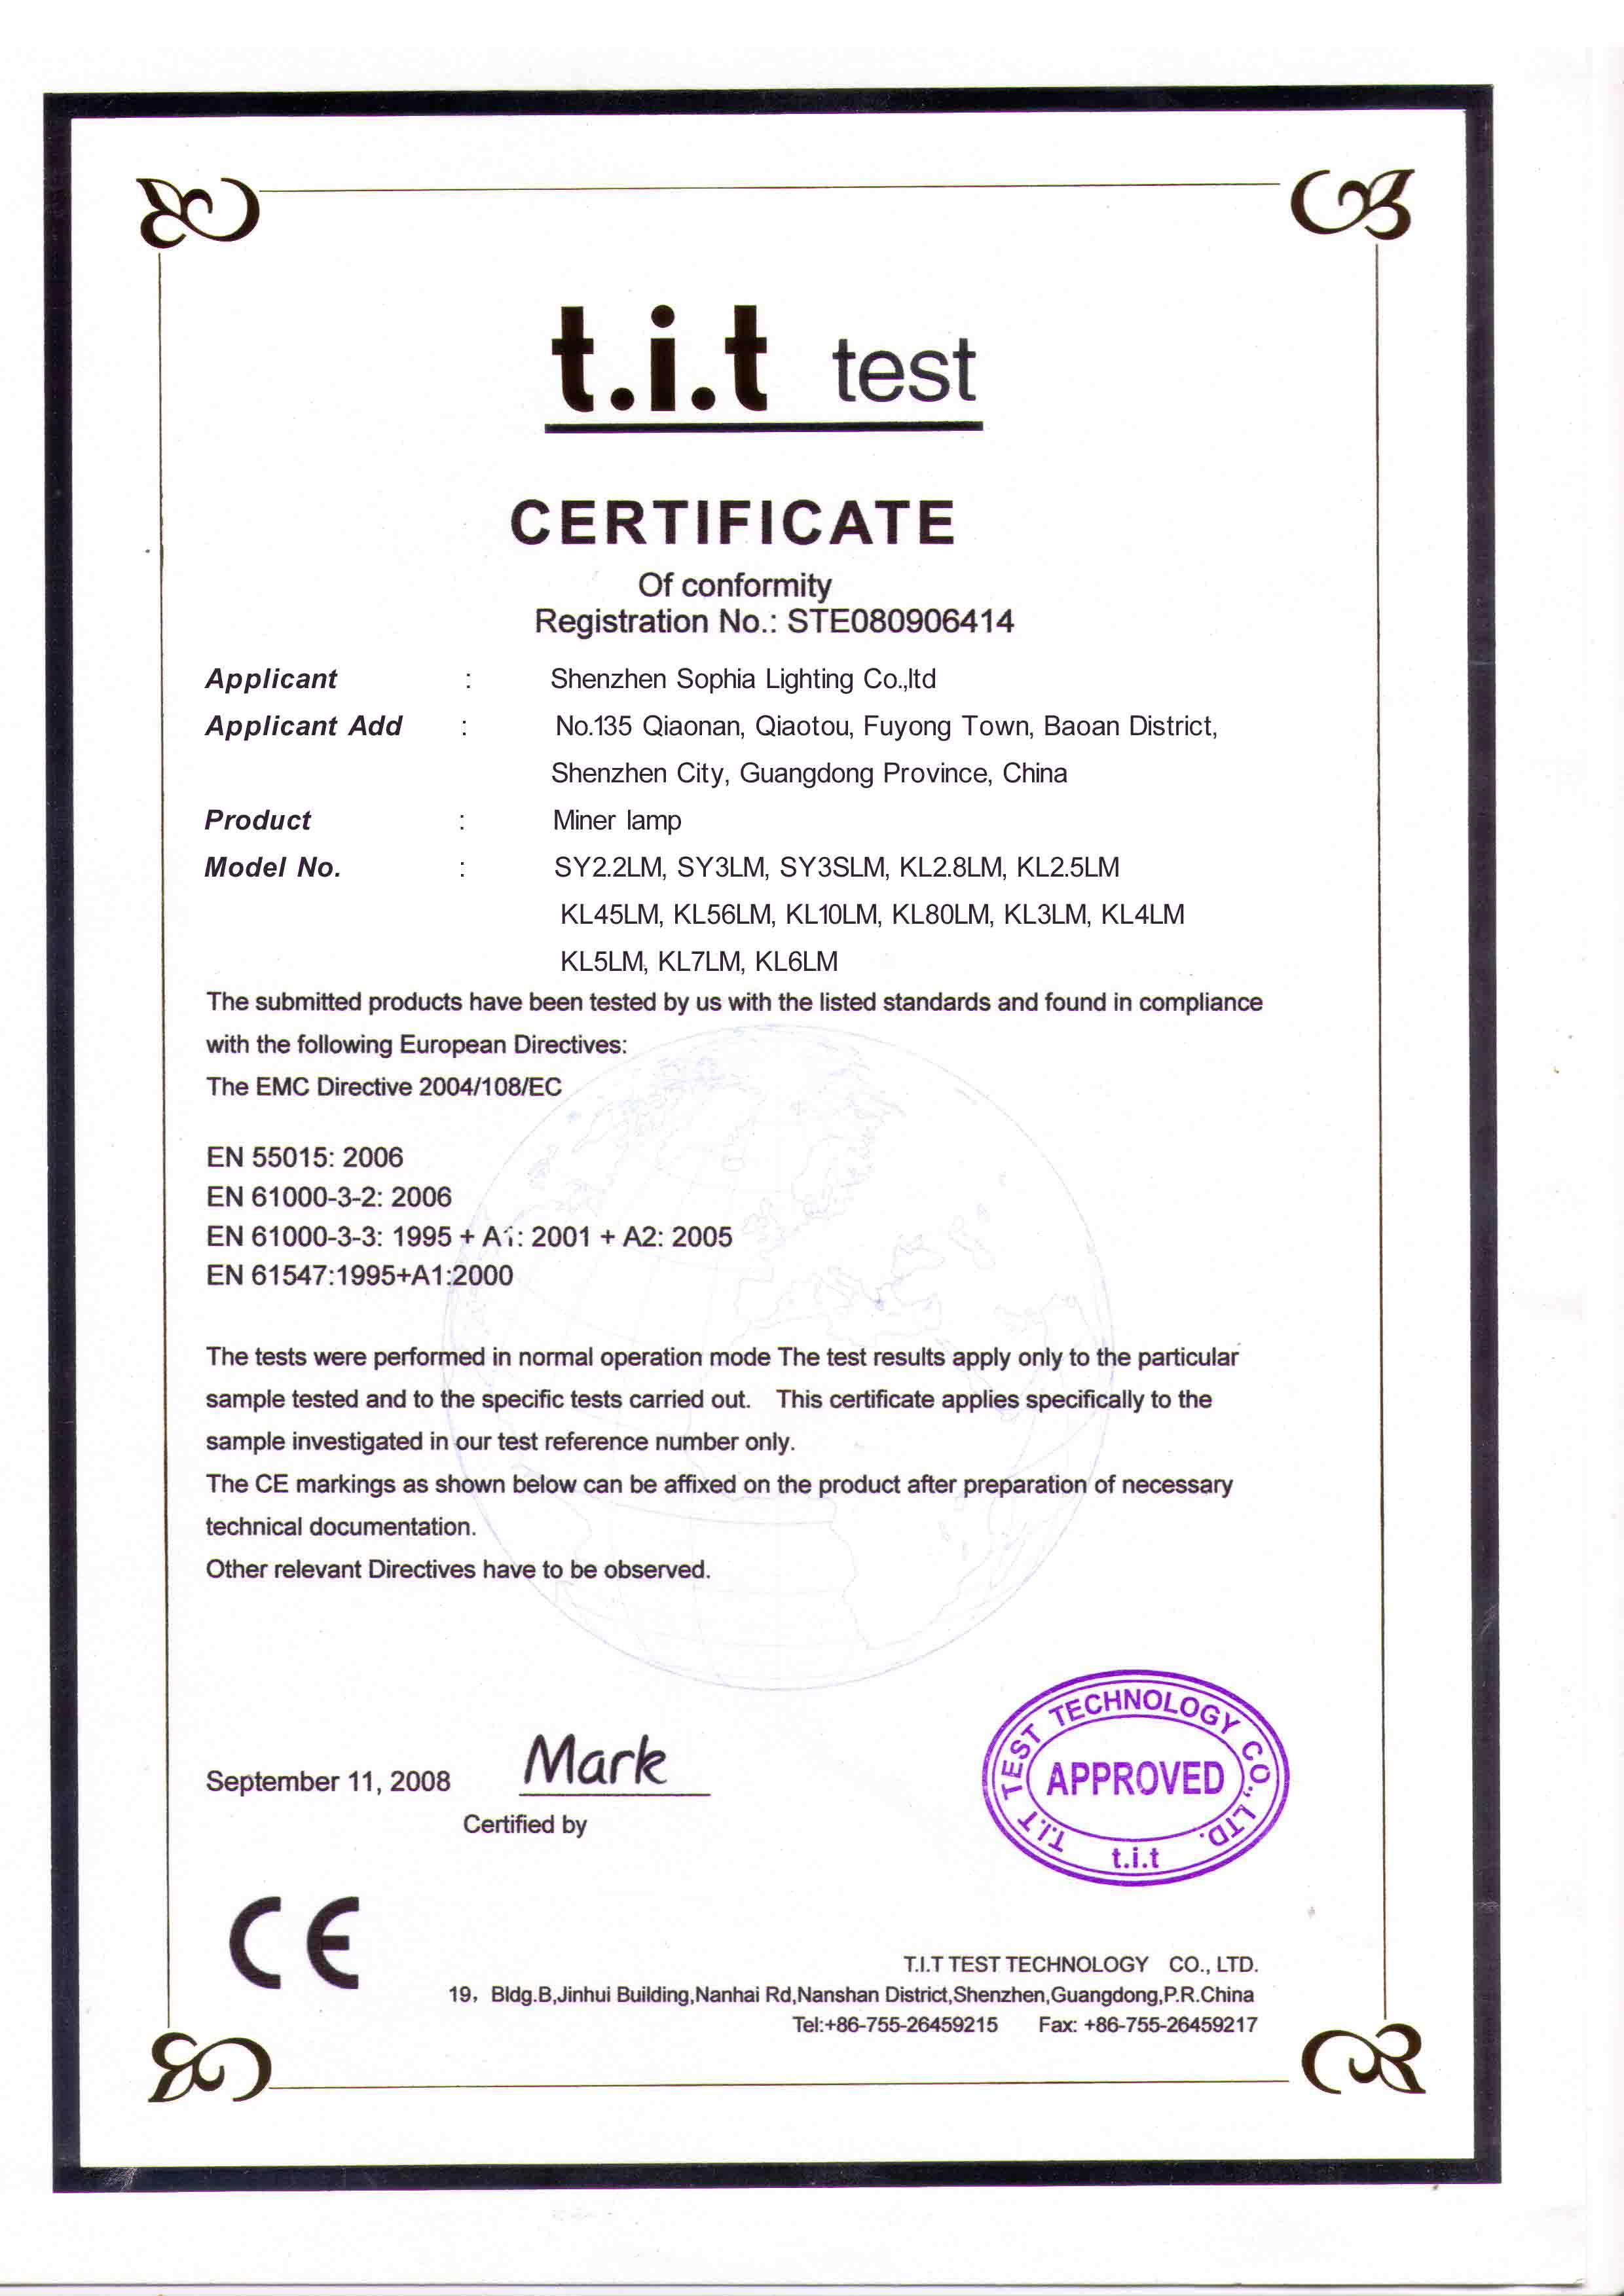 Certificate for LED head lamp, mining lamp, cap lamp